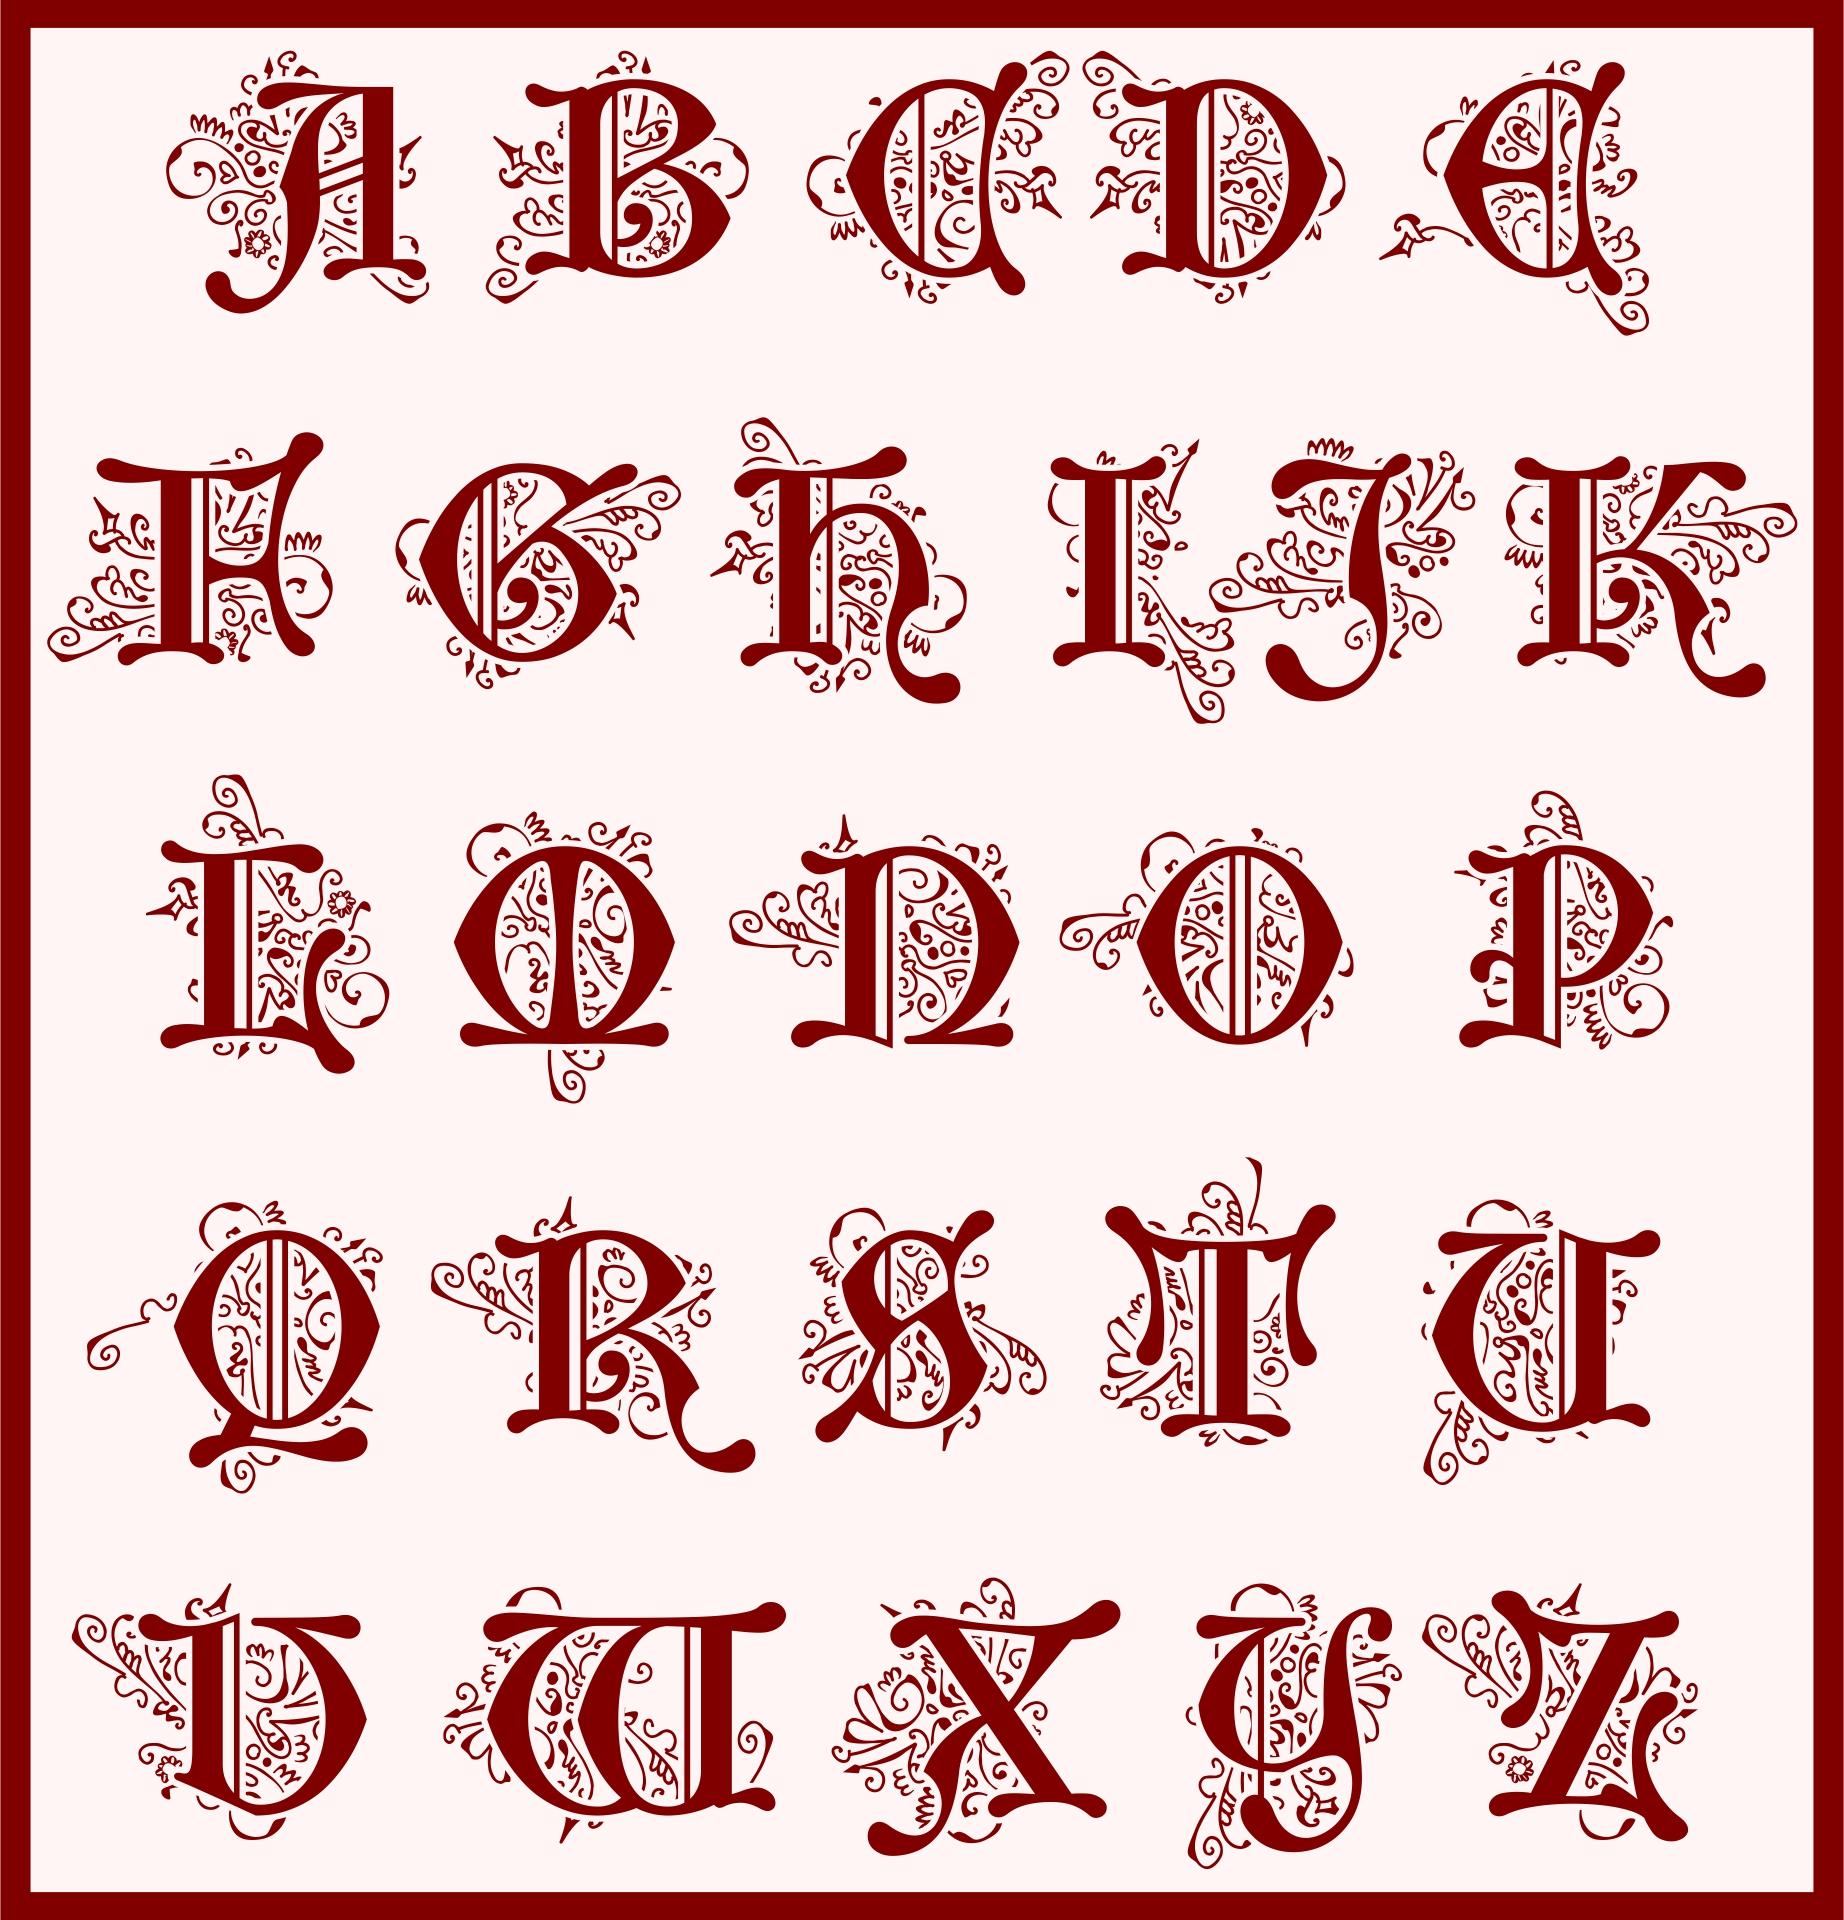 Illuminated Manuscript Alphabet Letters